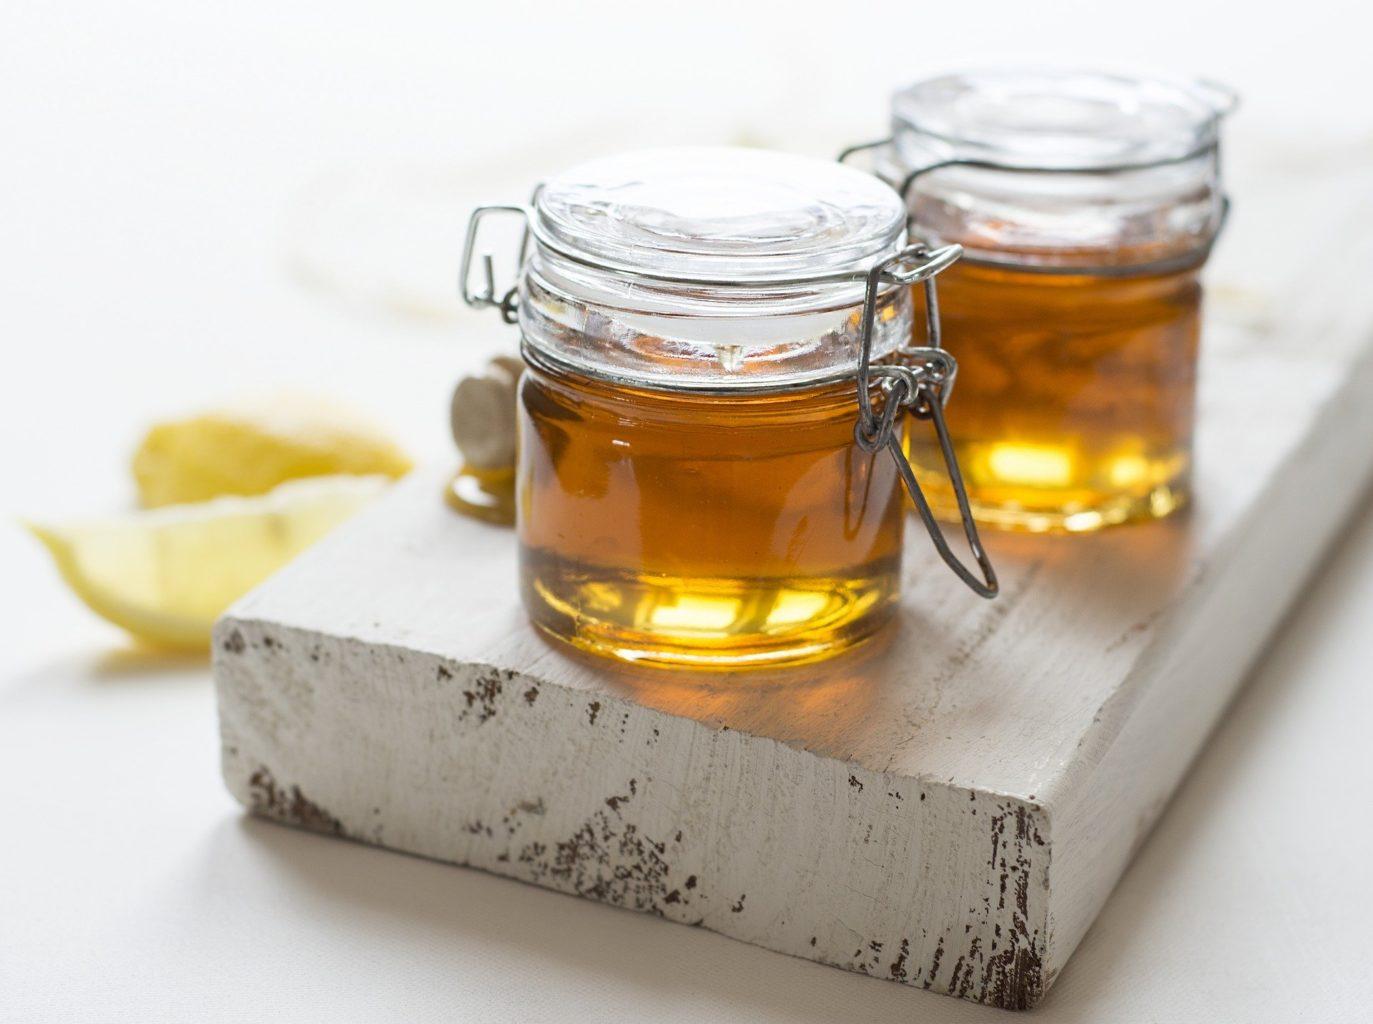 două borcane cu miere pe un suport alb, de lemn, cu felii de lămâie lângă